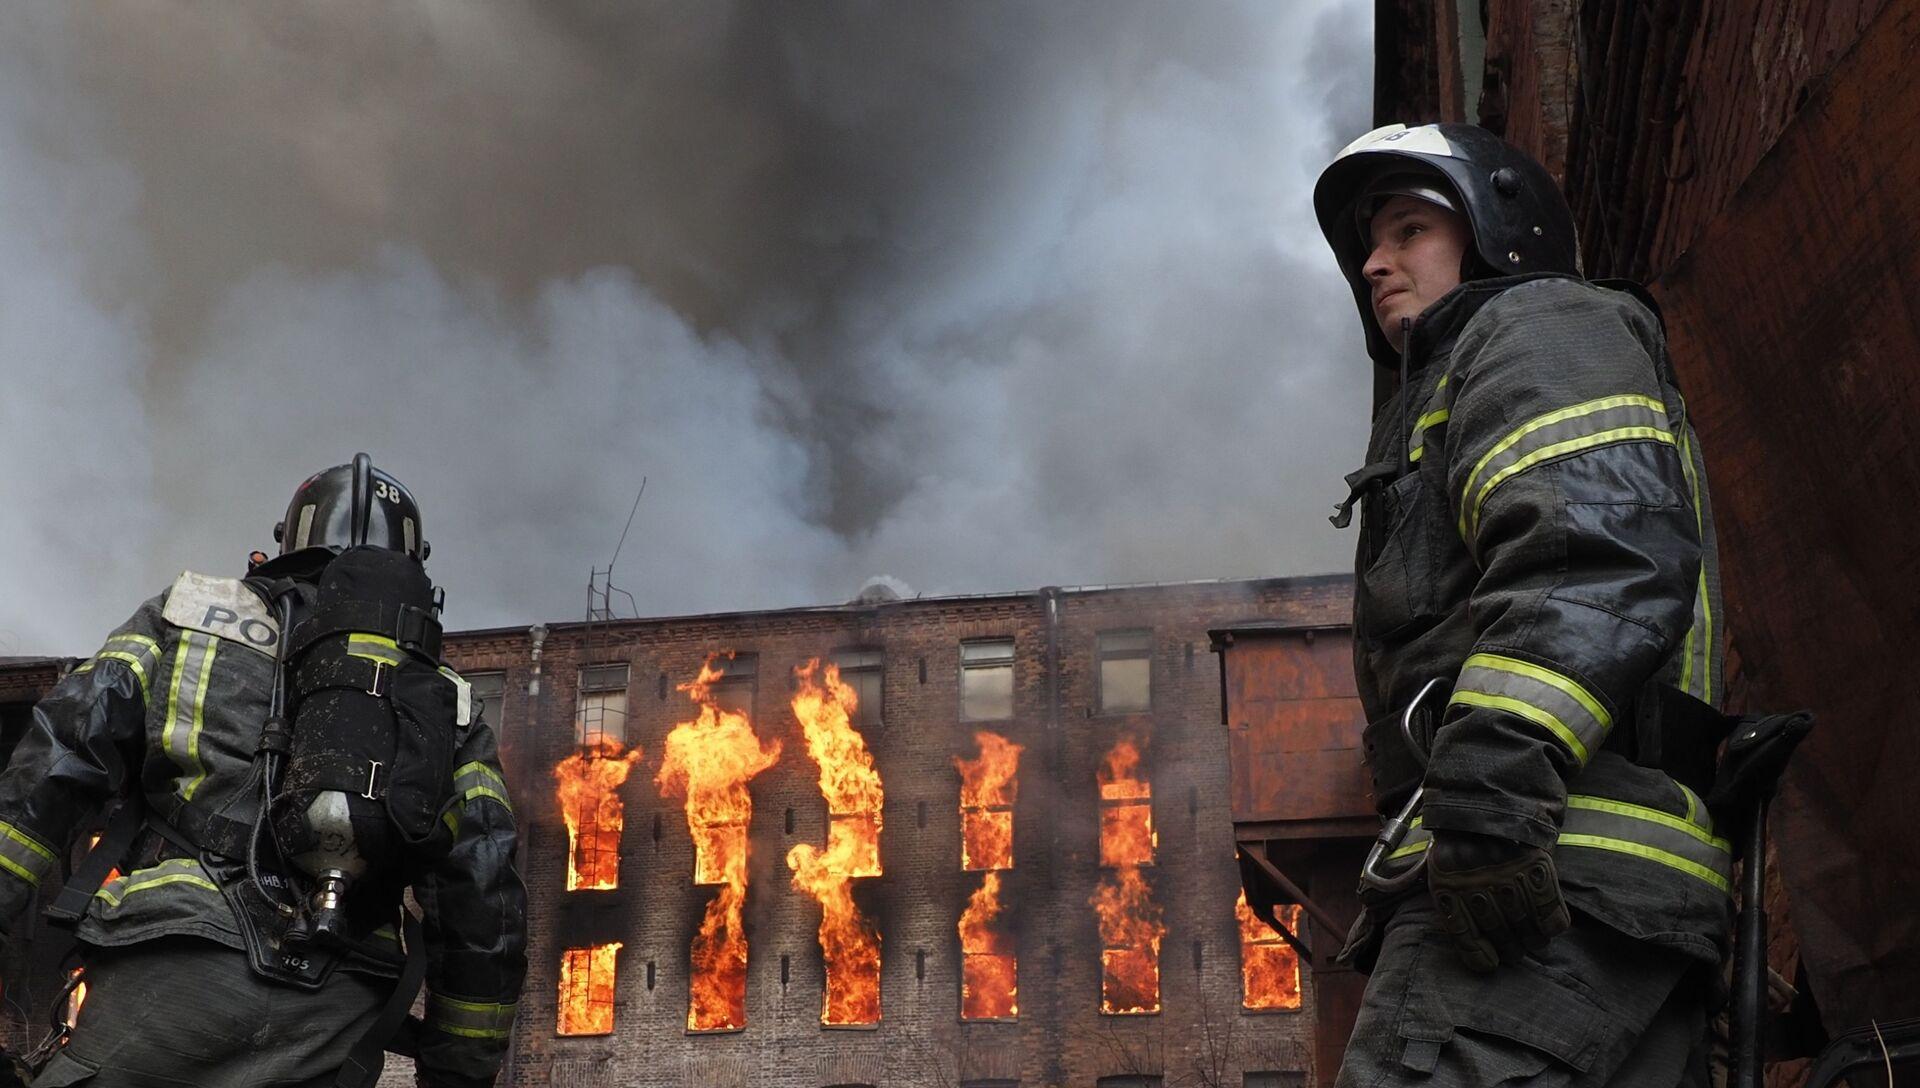 Пожар на фабрике Невская мануфактура - РИА Новости, 1920, 12.04.2021